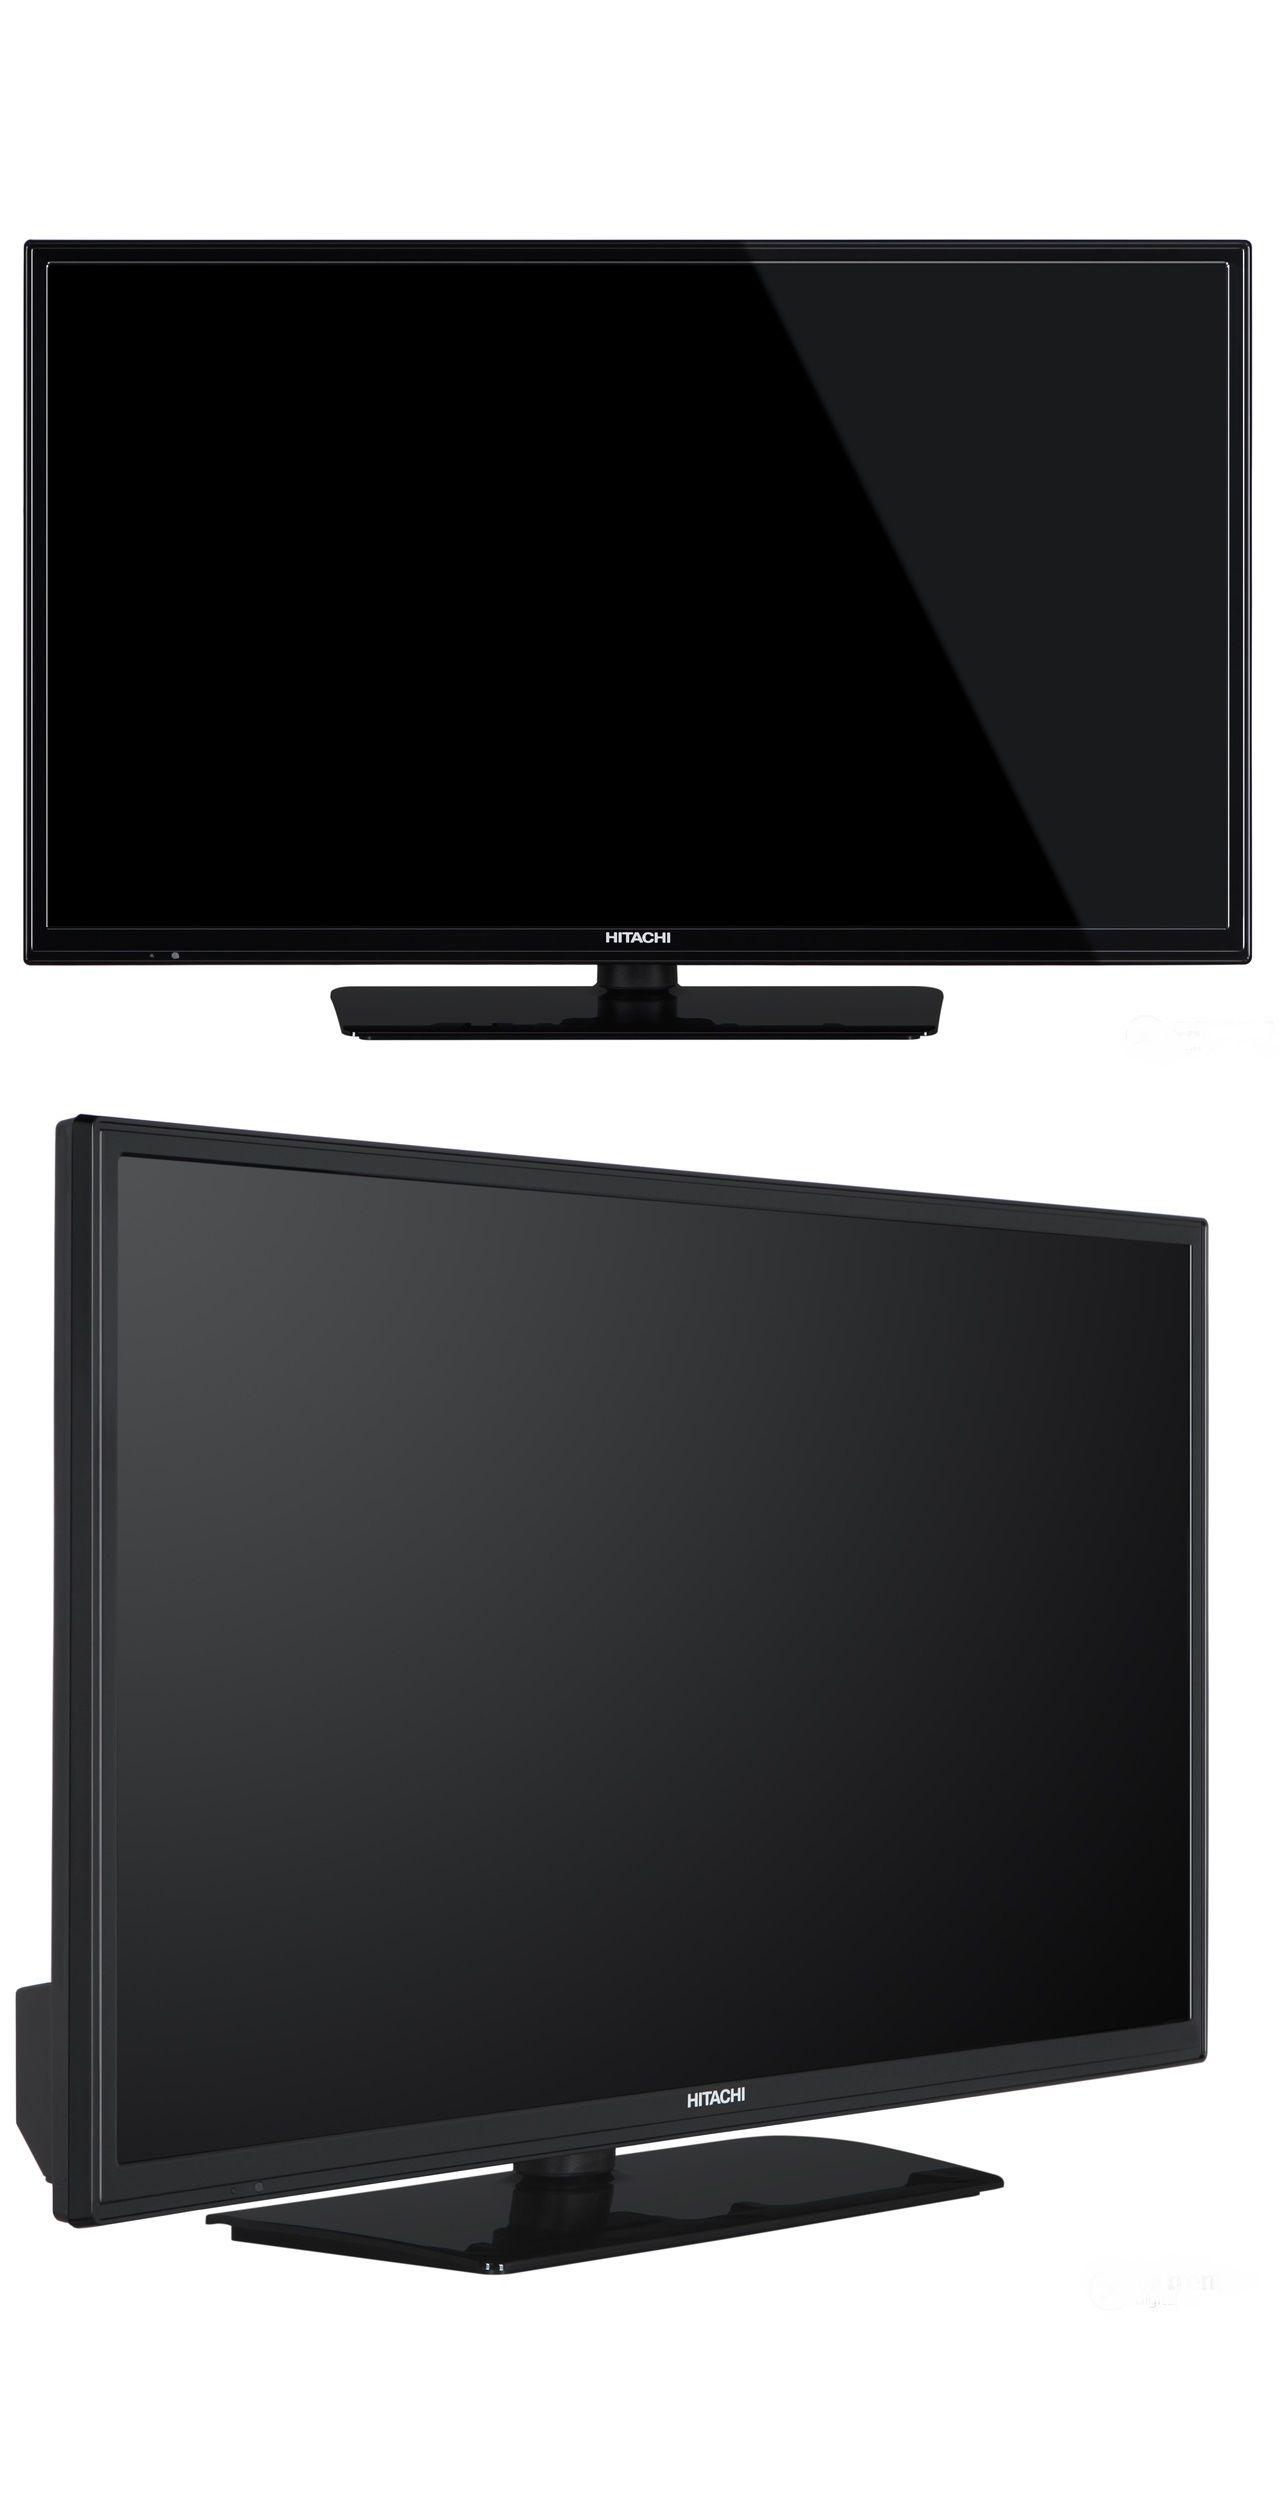 Hitachi 32hb4t62h 32 Fhd Smart Led Tv Led Tv Led Tv